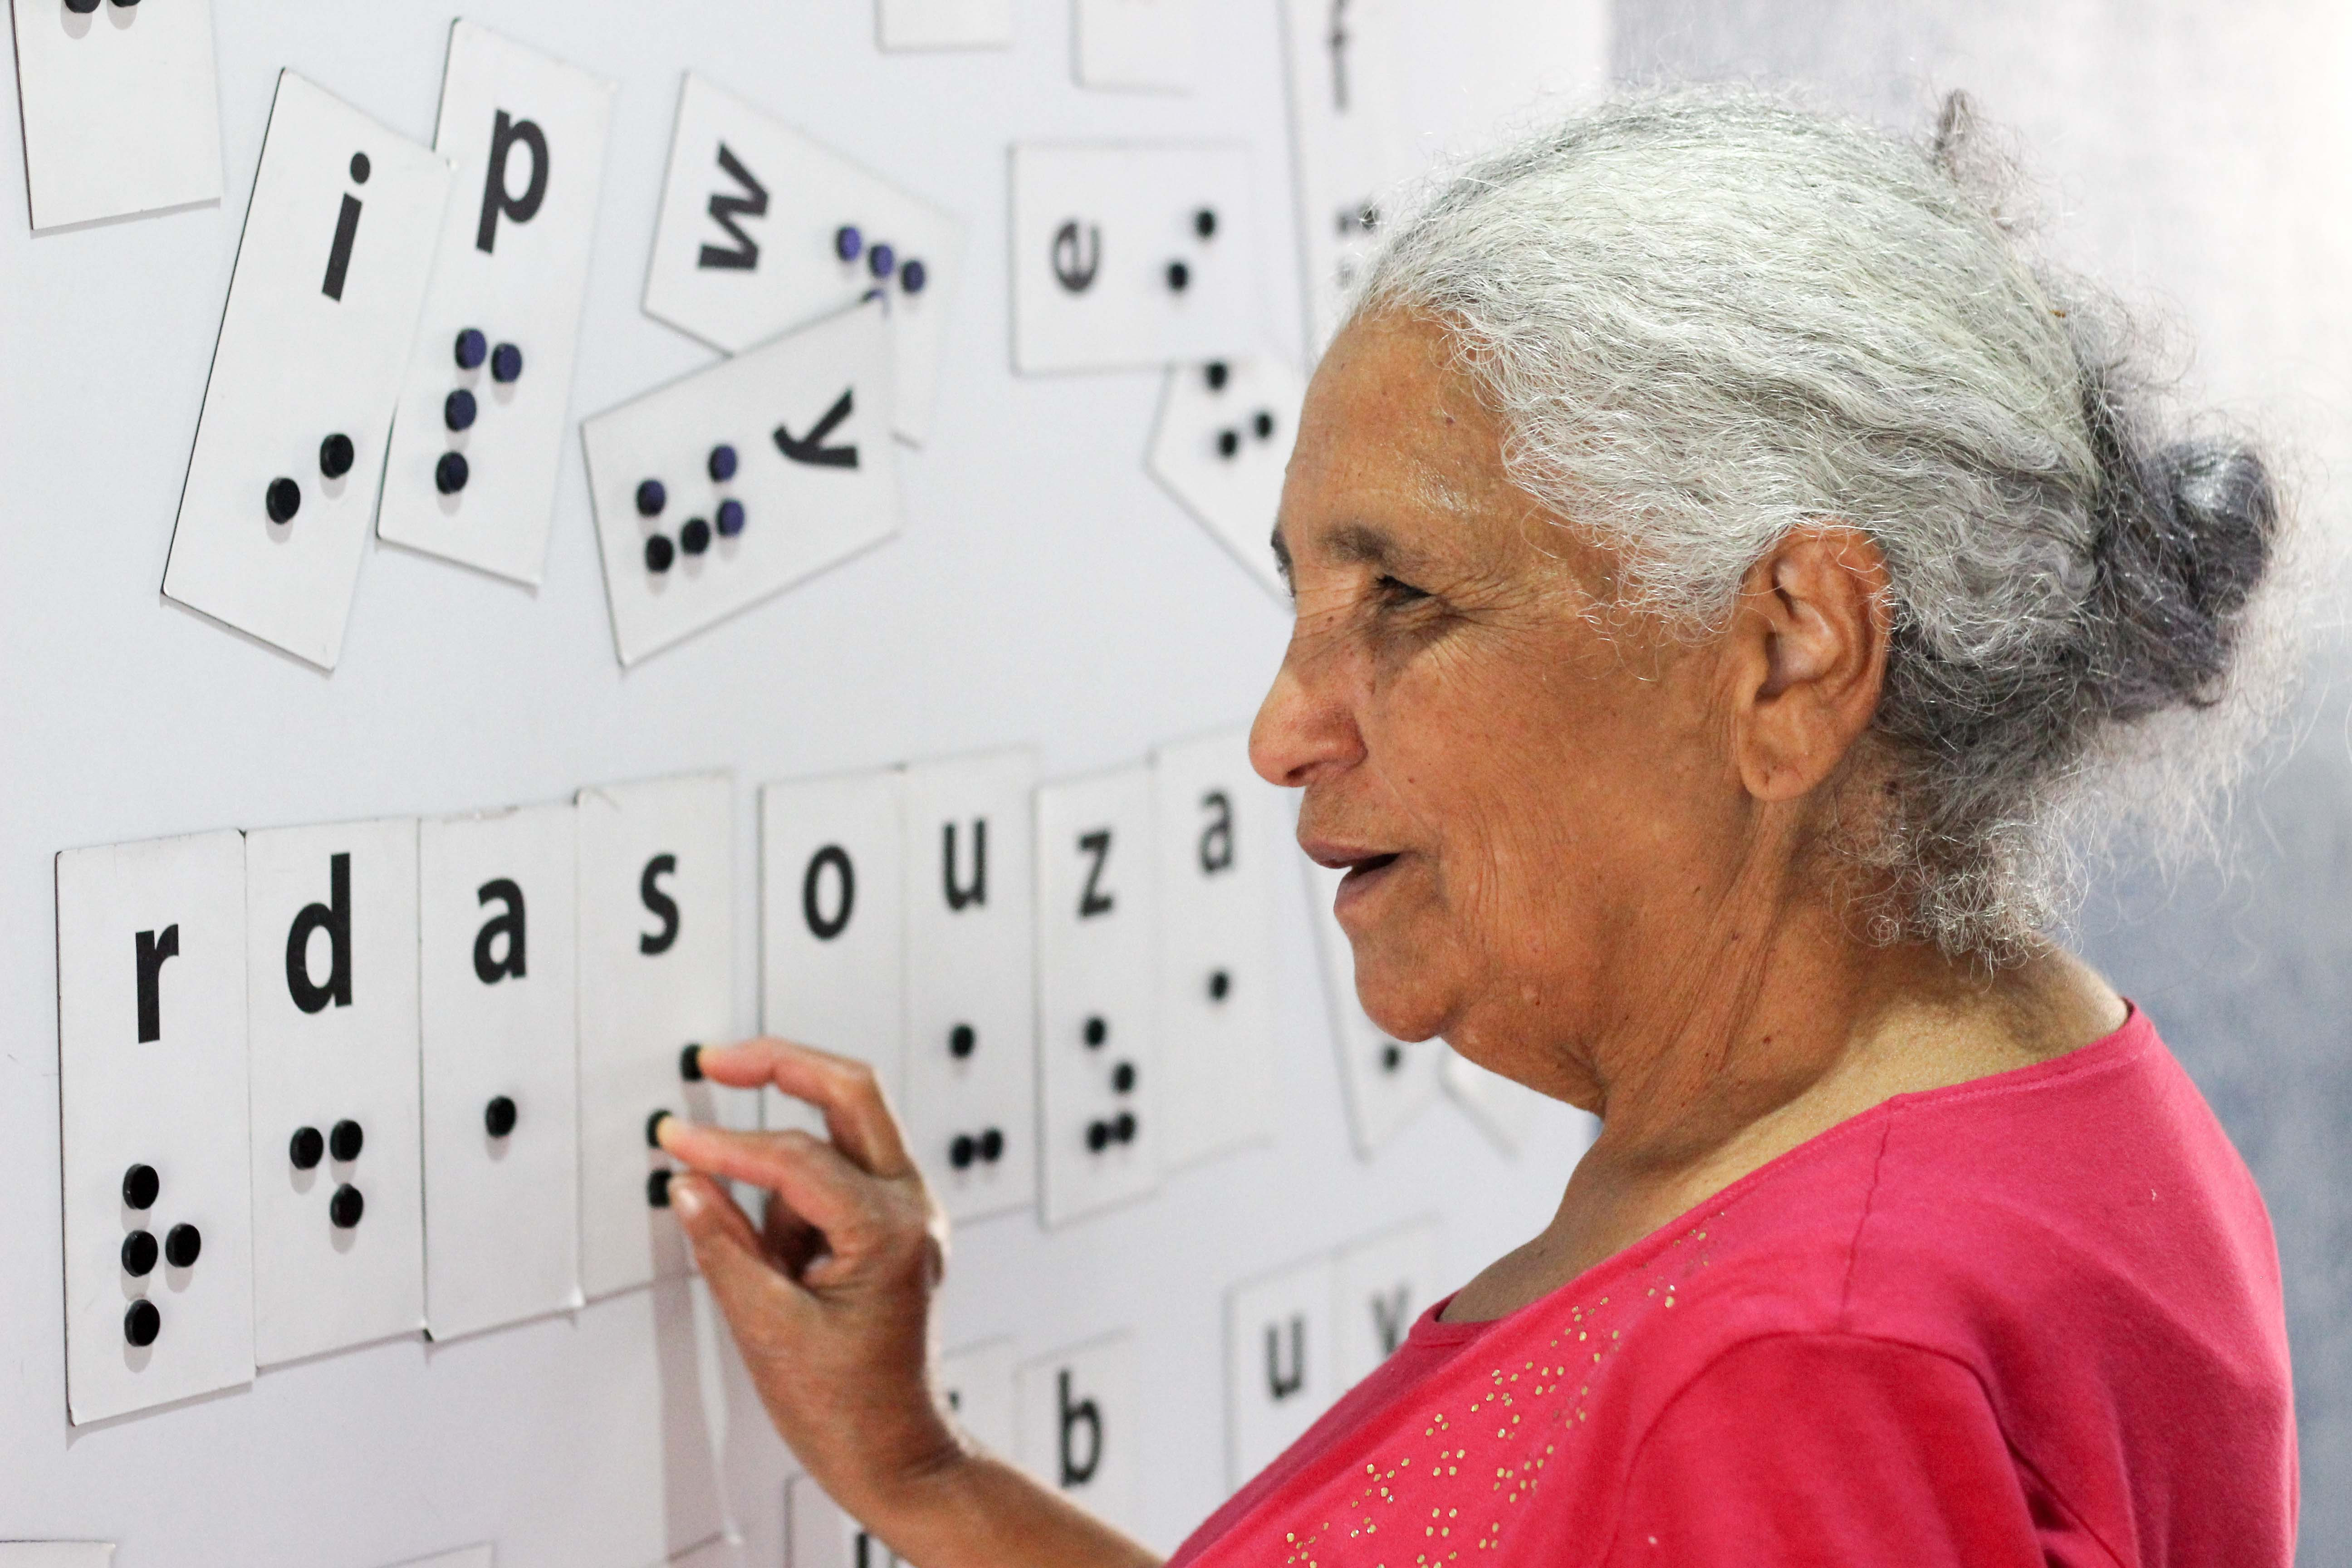 Descrição da imagem: foto de Dona Maria tateando um painel magnético com várias letras em braille embaralhadas. Ela está de perfil.